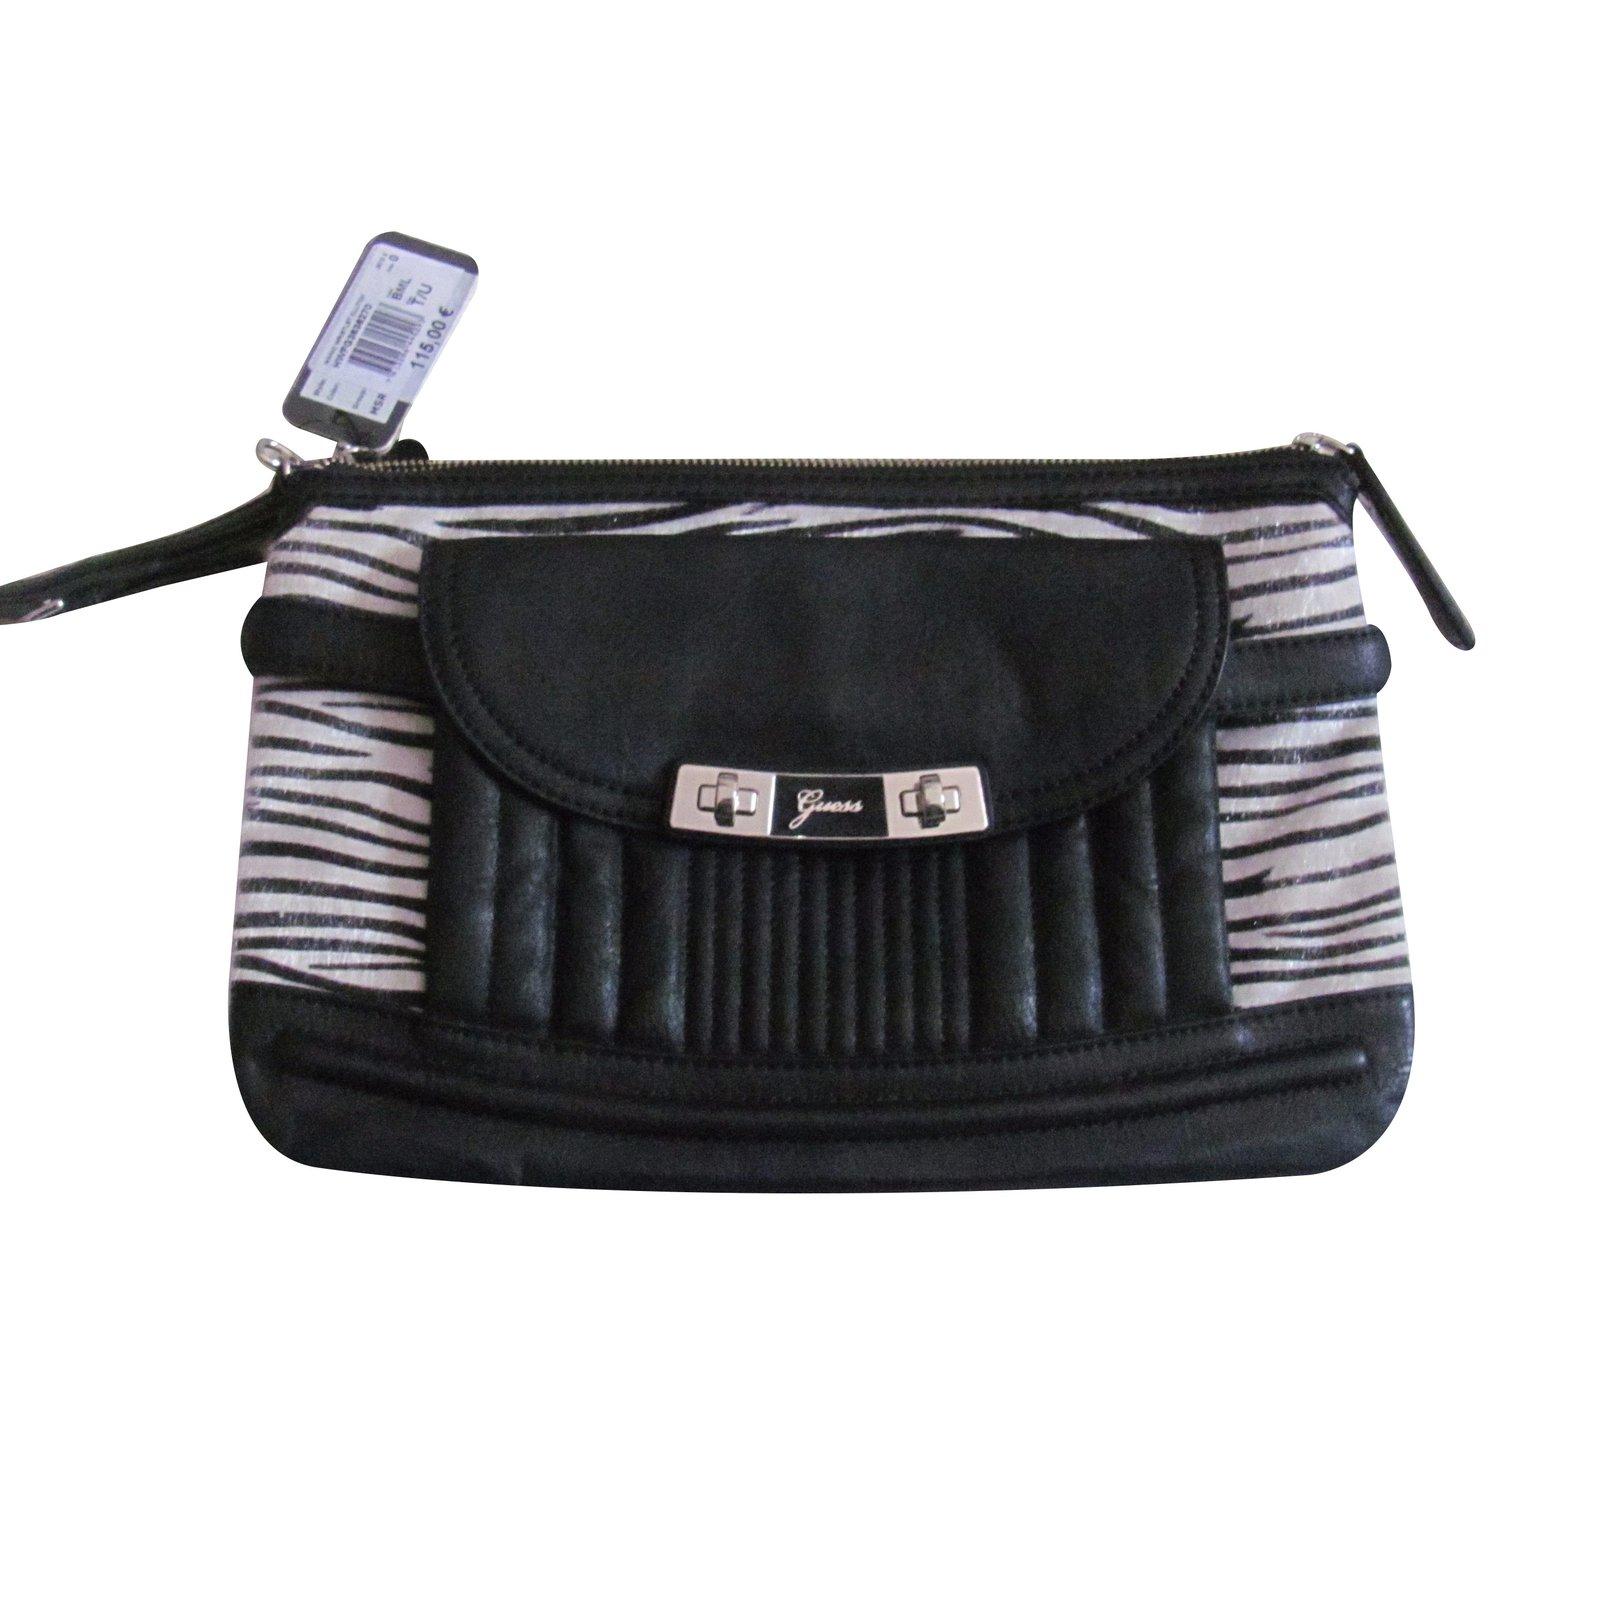 63f04c7e3ce6 Guess Clutch bag Clutch bags Leather Zebra print ref.24496 - Joli Closet